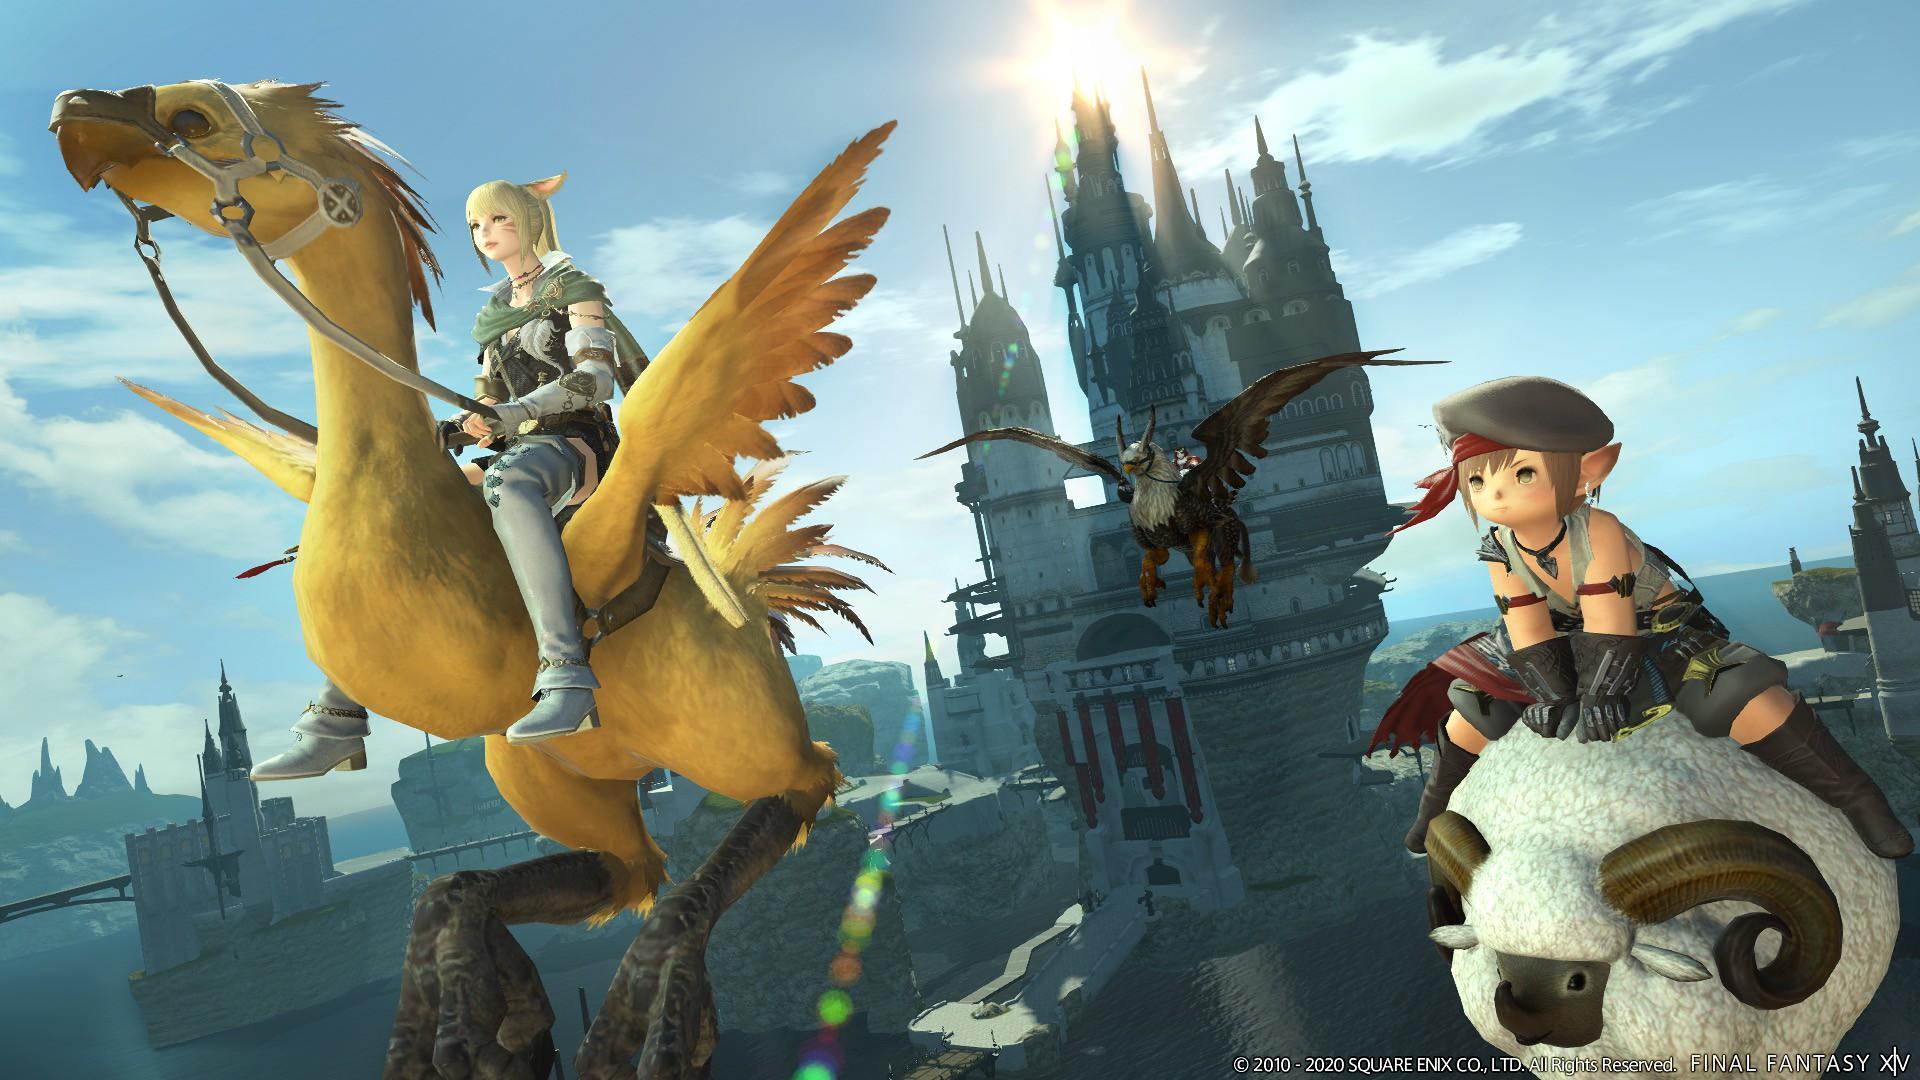 FFXIV final fantasy XIV final fantasy 14 MMOscar 2020 MMO.it oscar 2020 MMO MMORPG